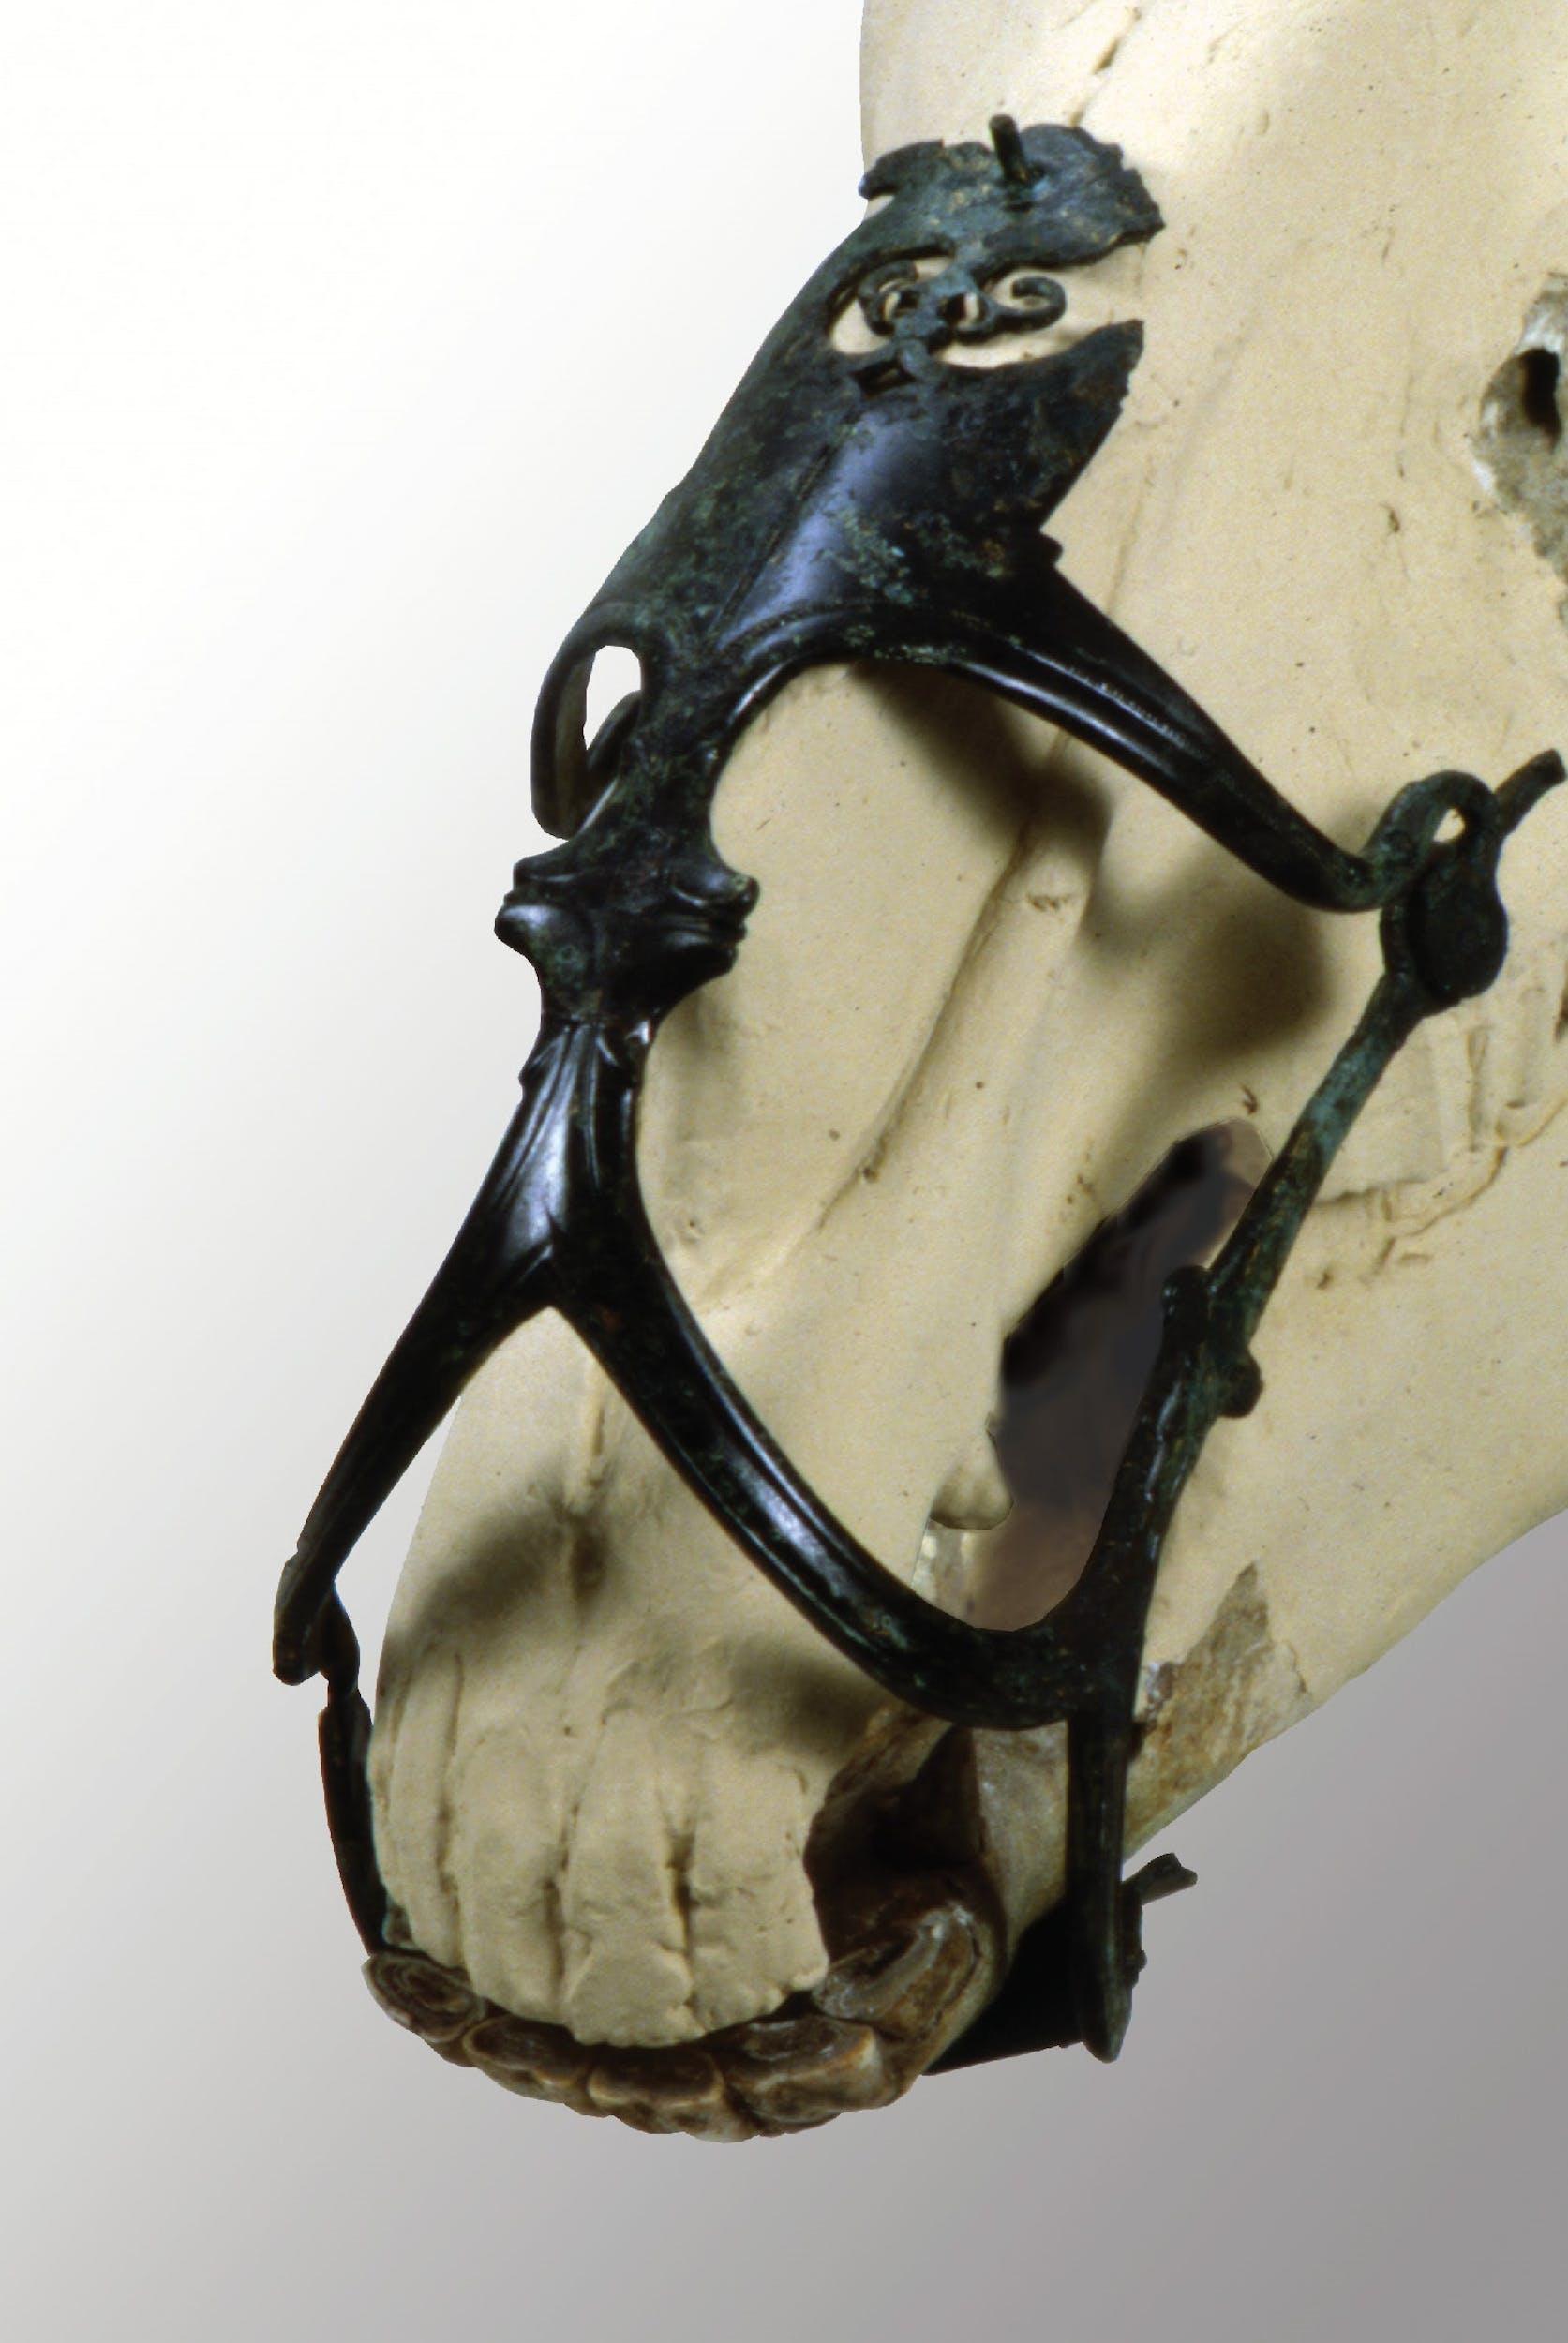 Museruola per cavallo, IV sec. a.C.